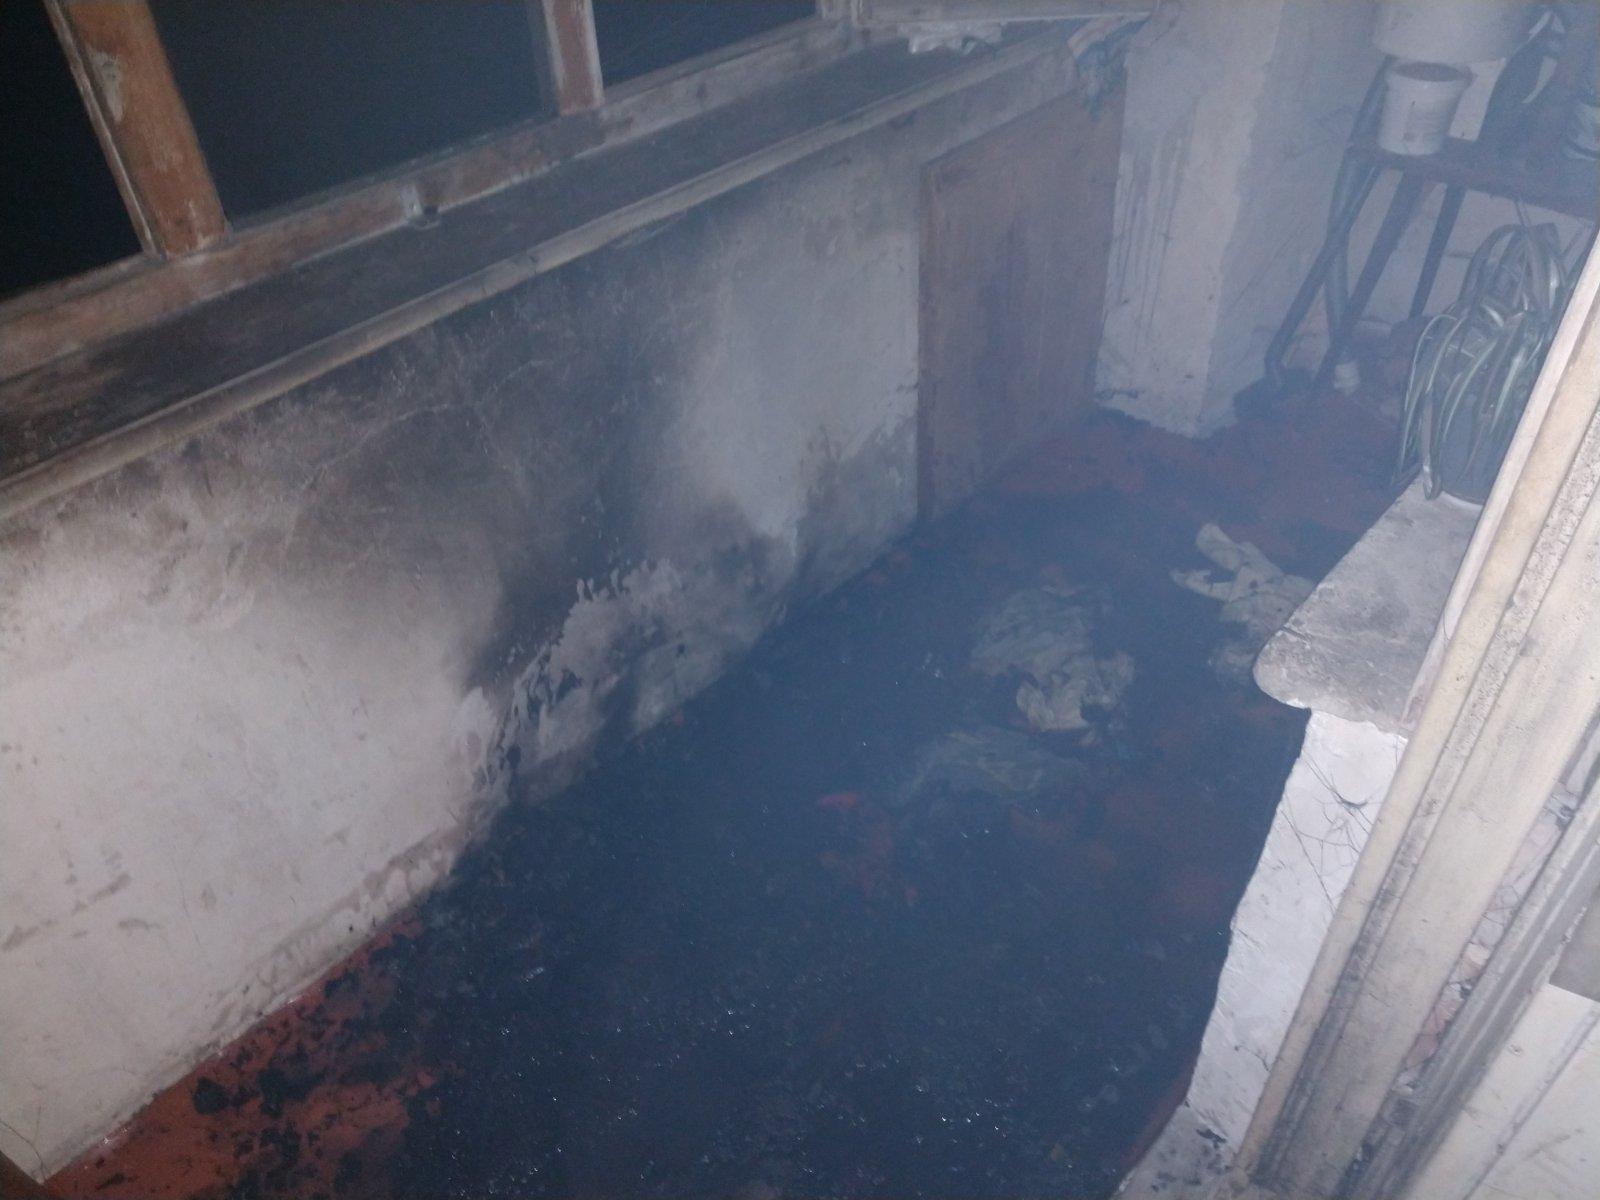 Під час пожежі в багатоповерхівці у Хусті евакуювали 15 людей